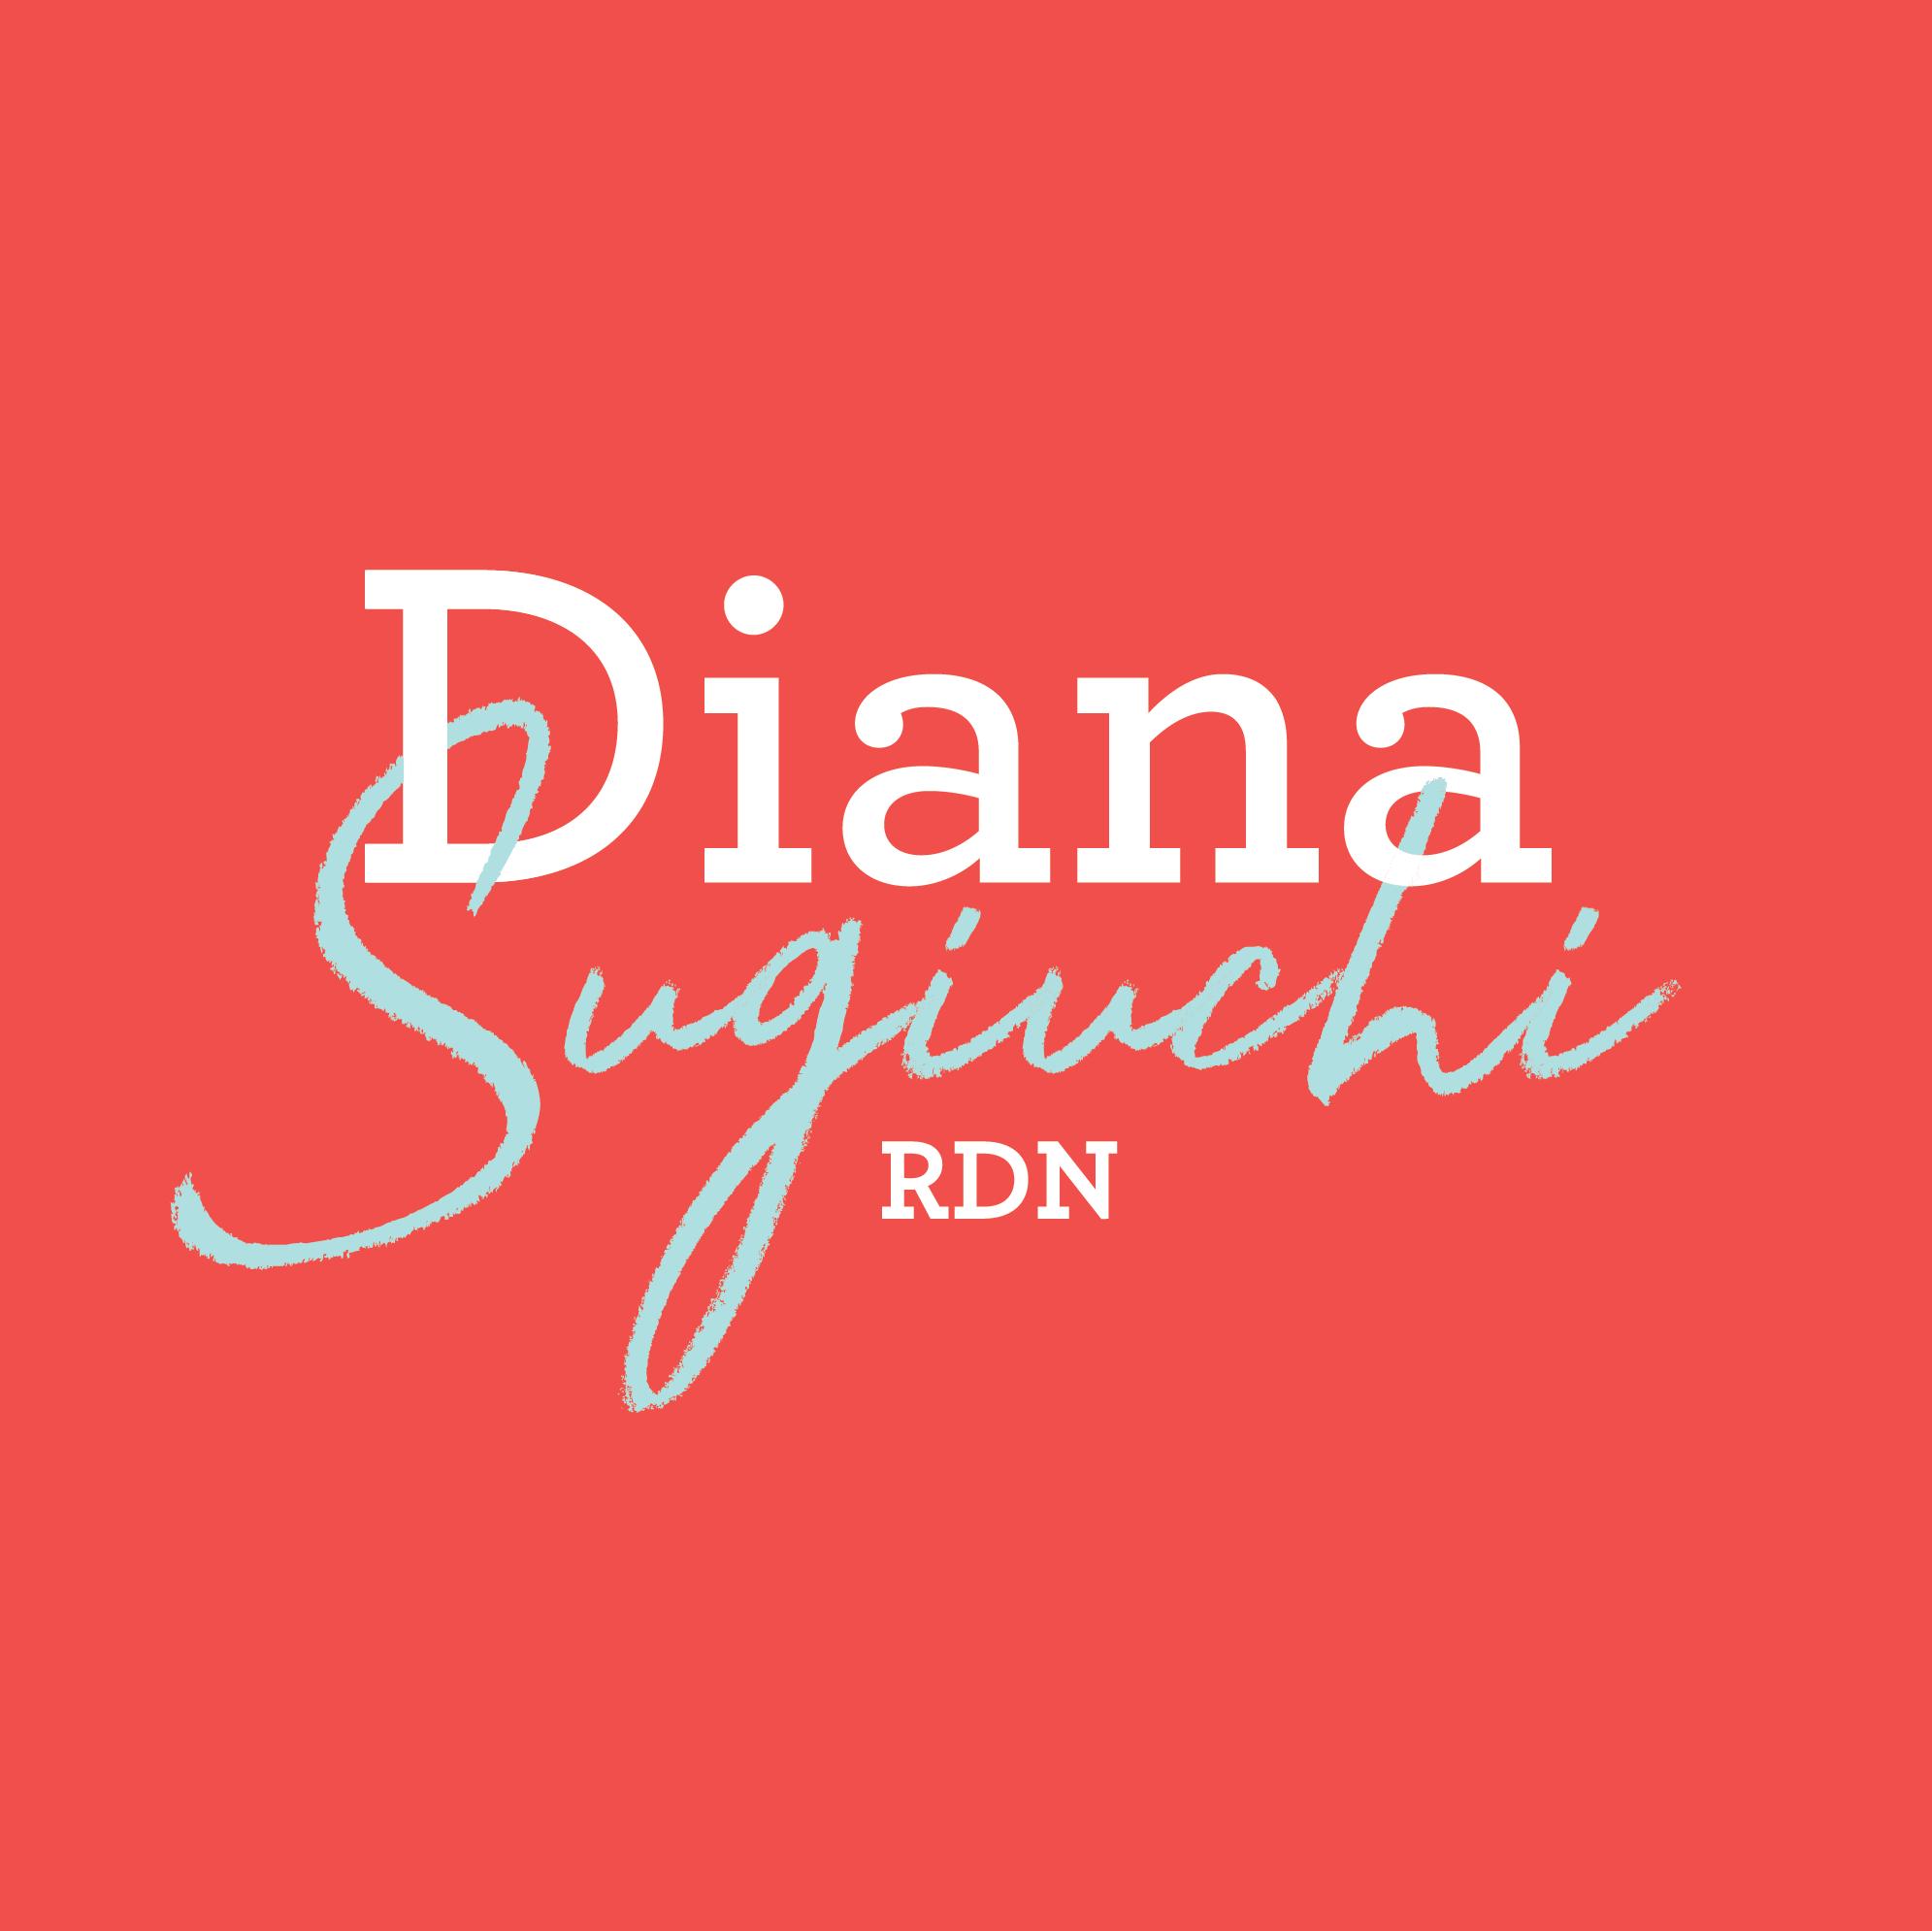 Diana Sugiuchi